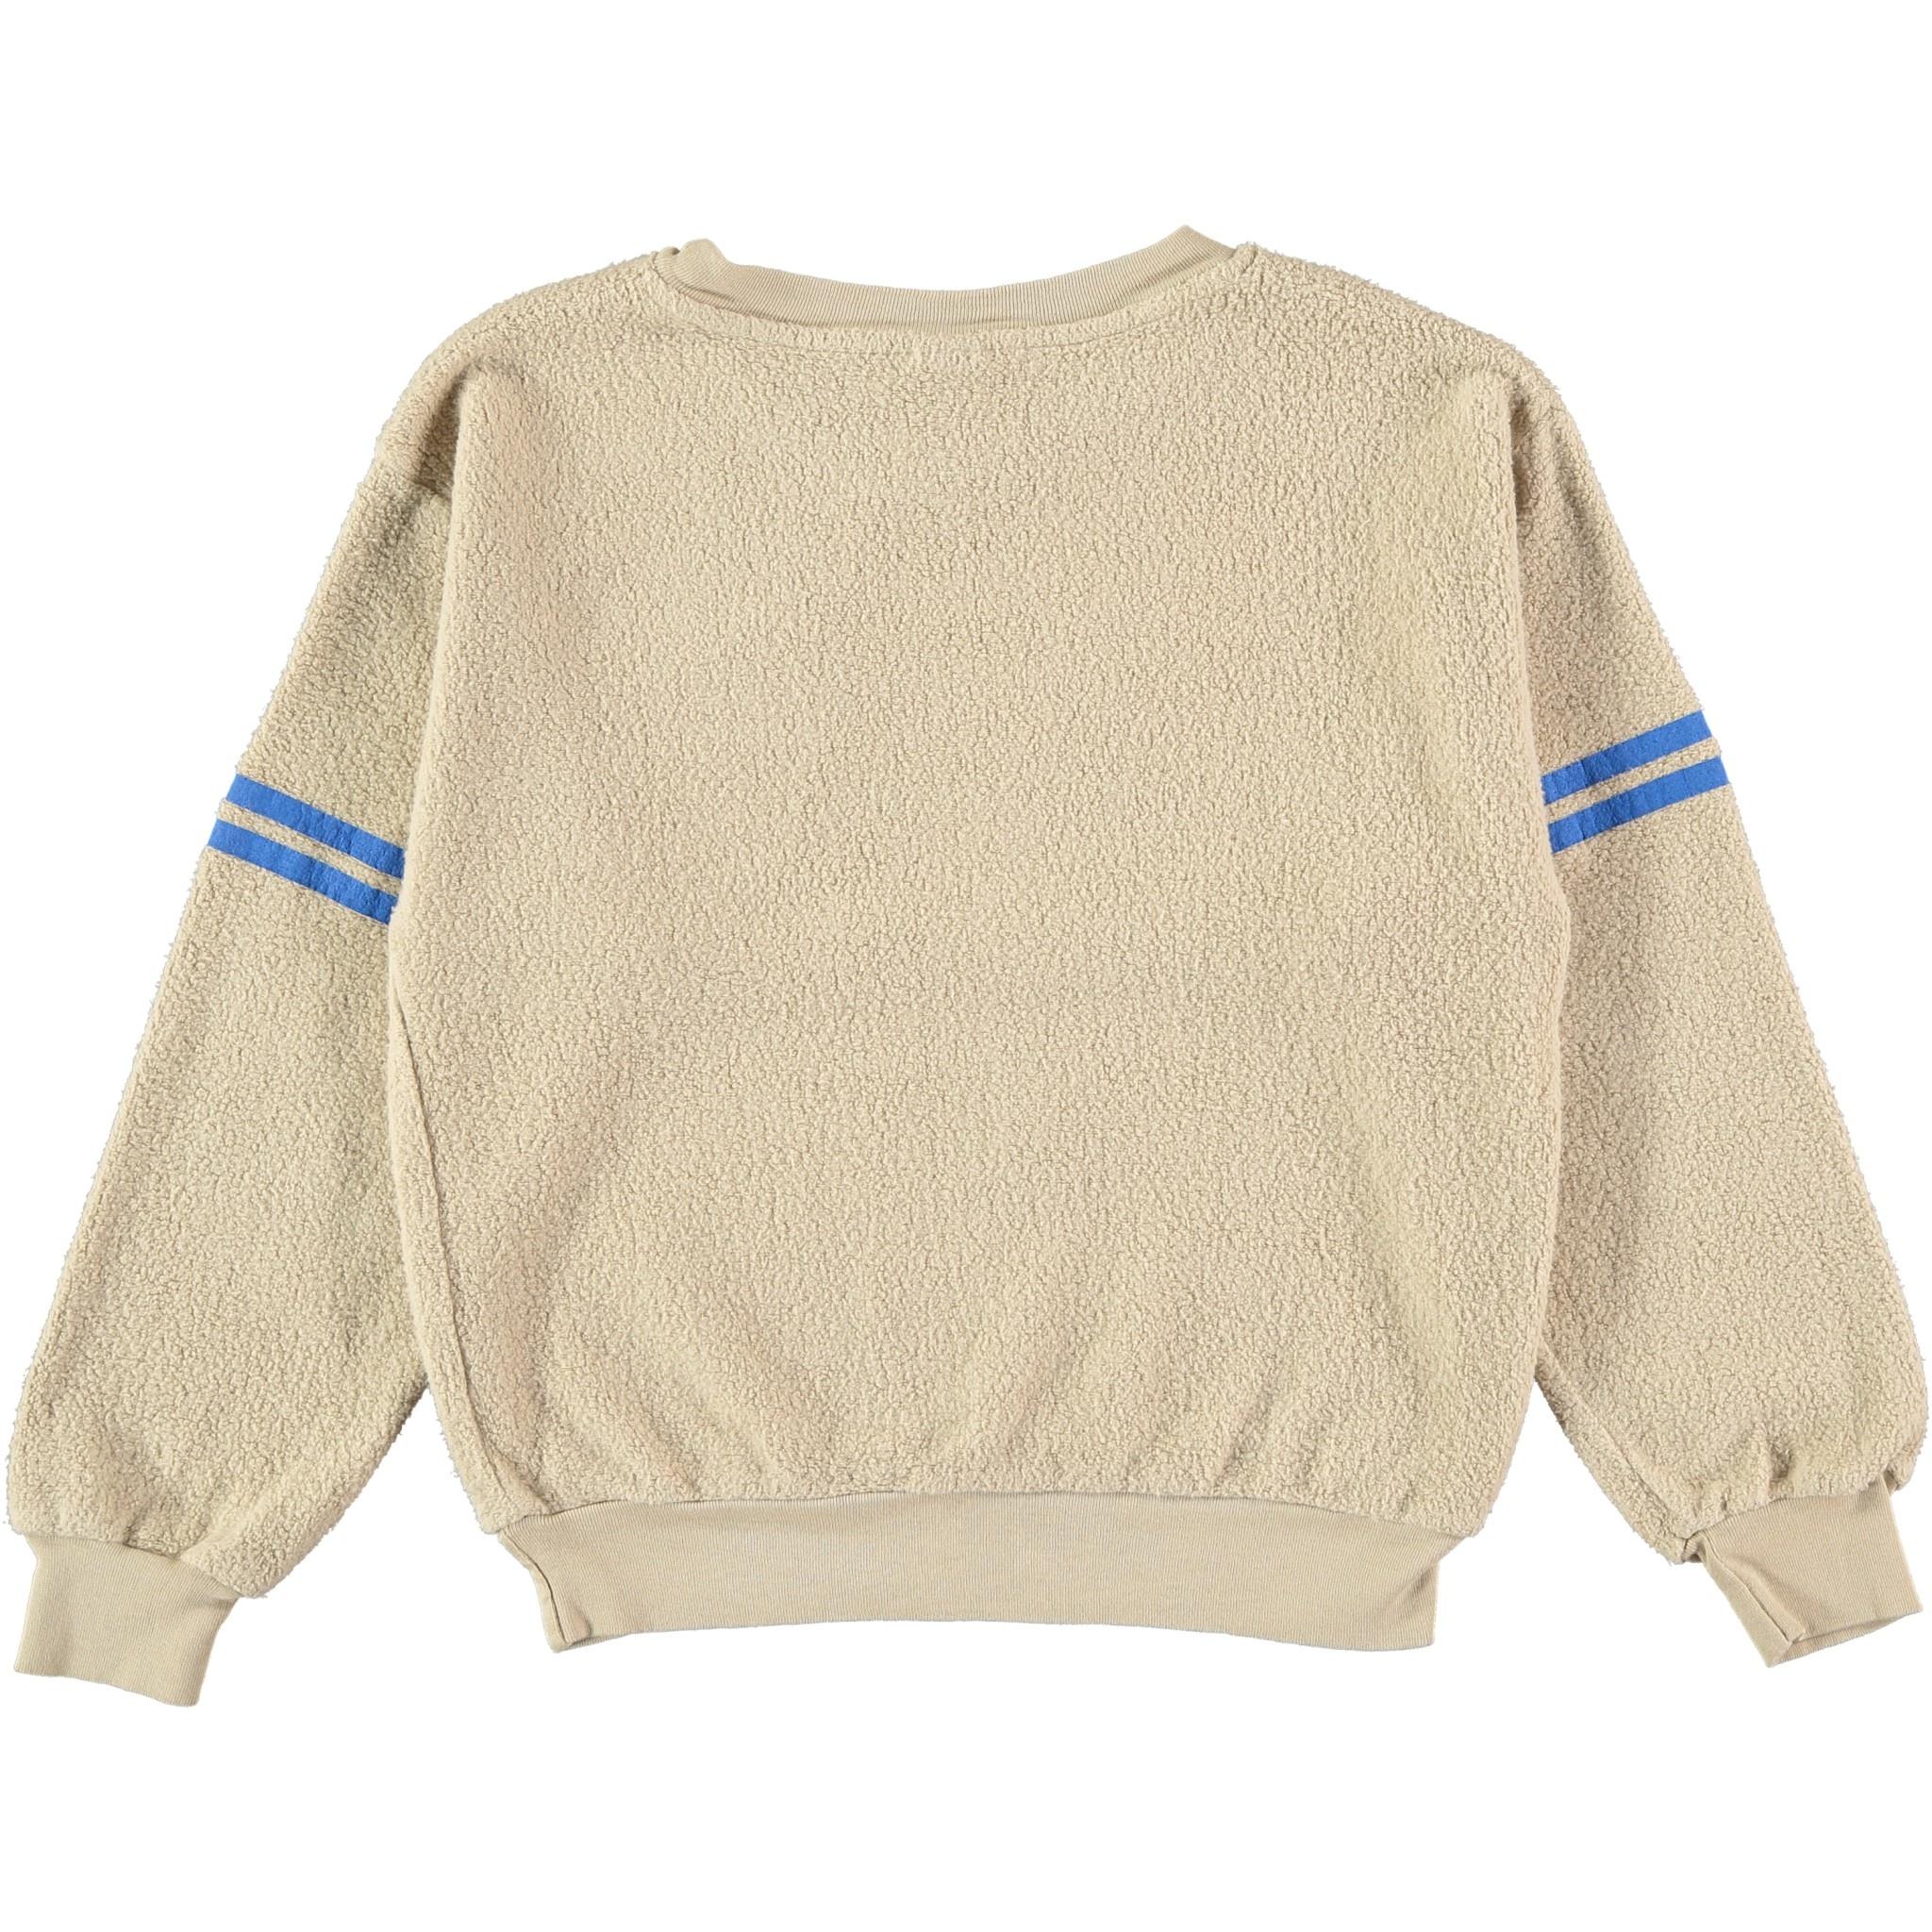 Sweatshirt sleeve stripes fog-2